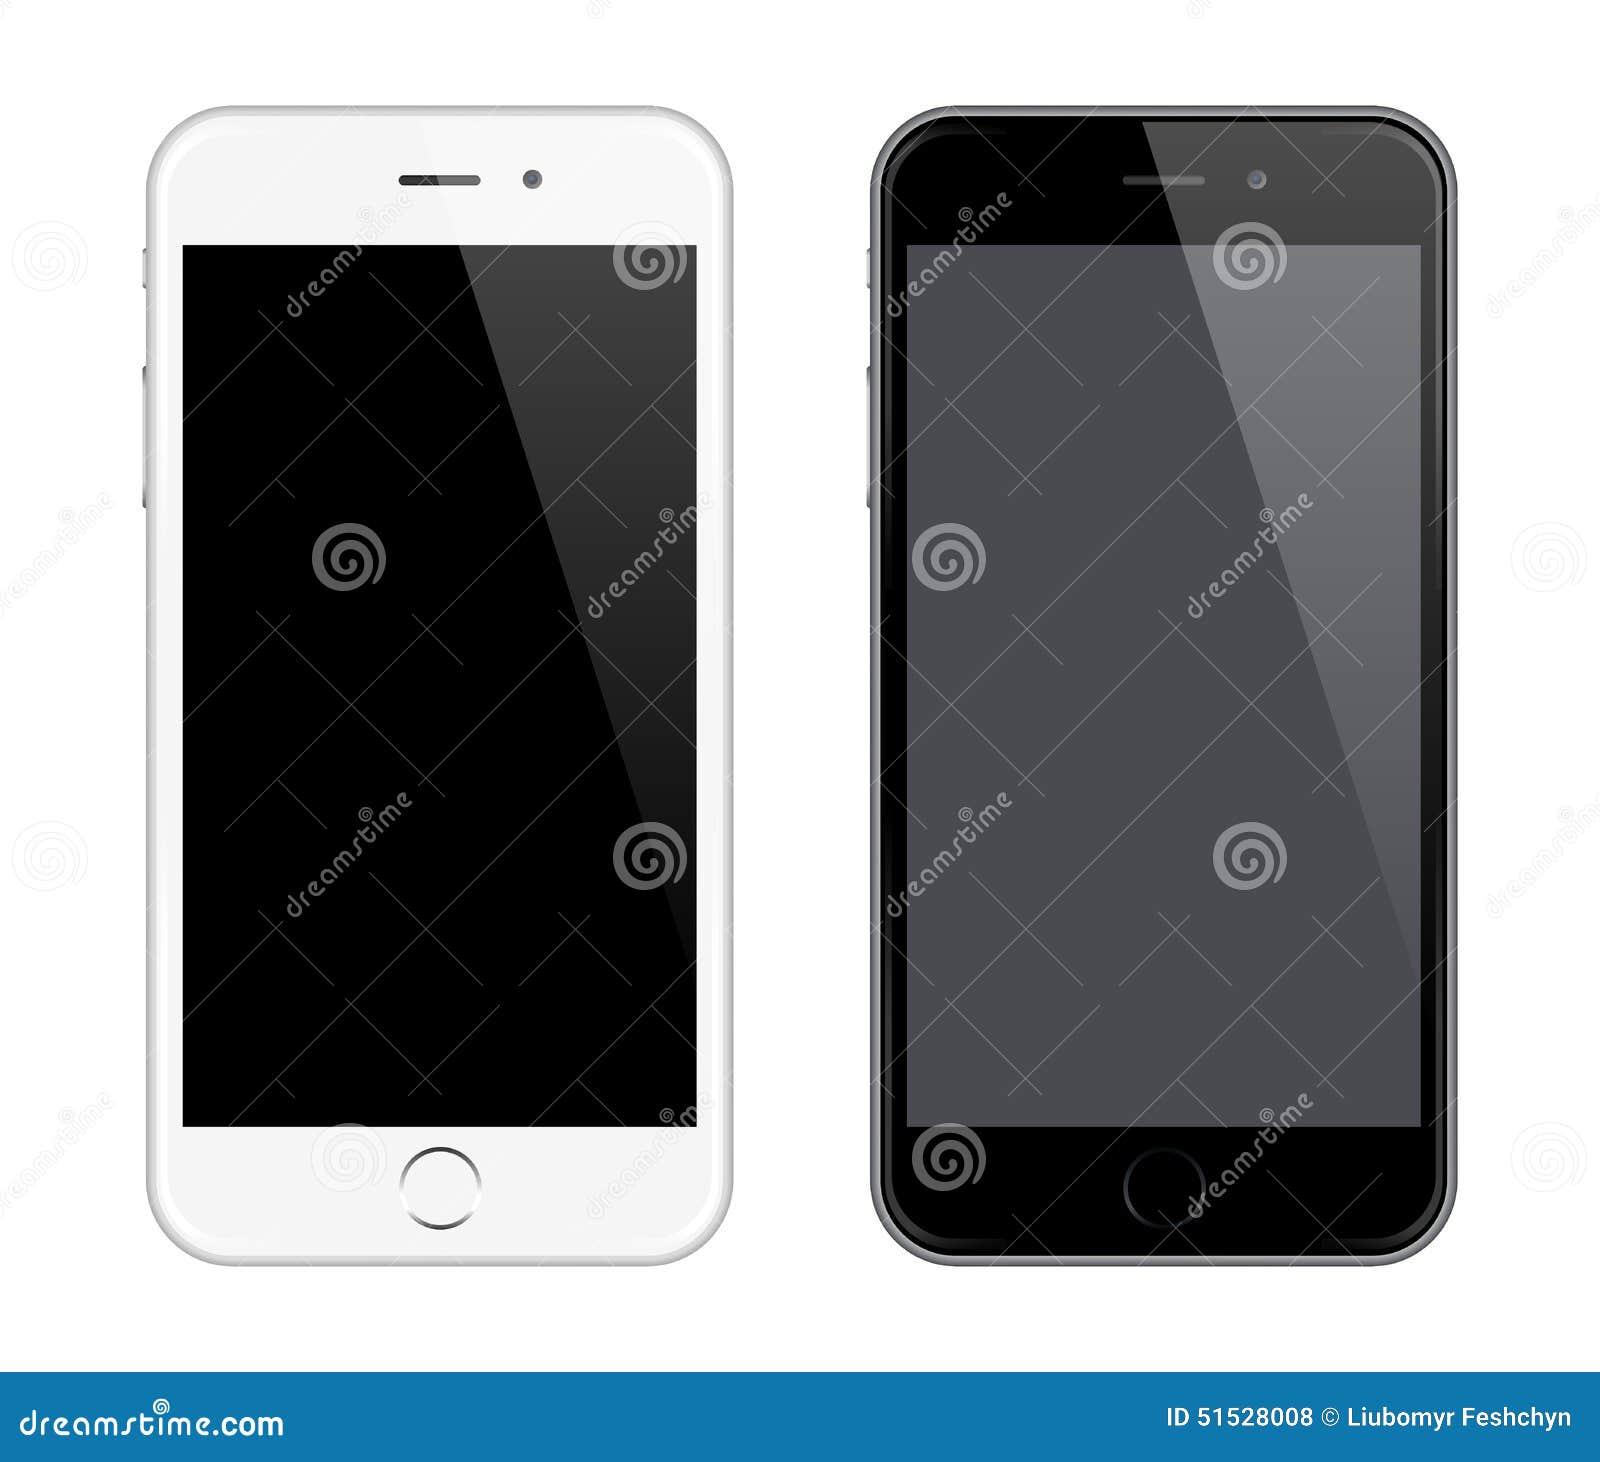 Realistisk vektormobiltelefonmodell som Iphone designstil